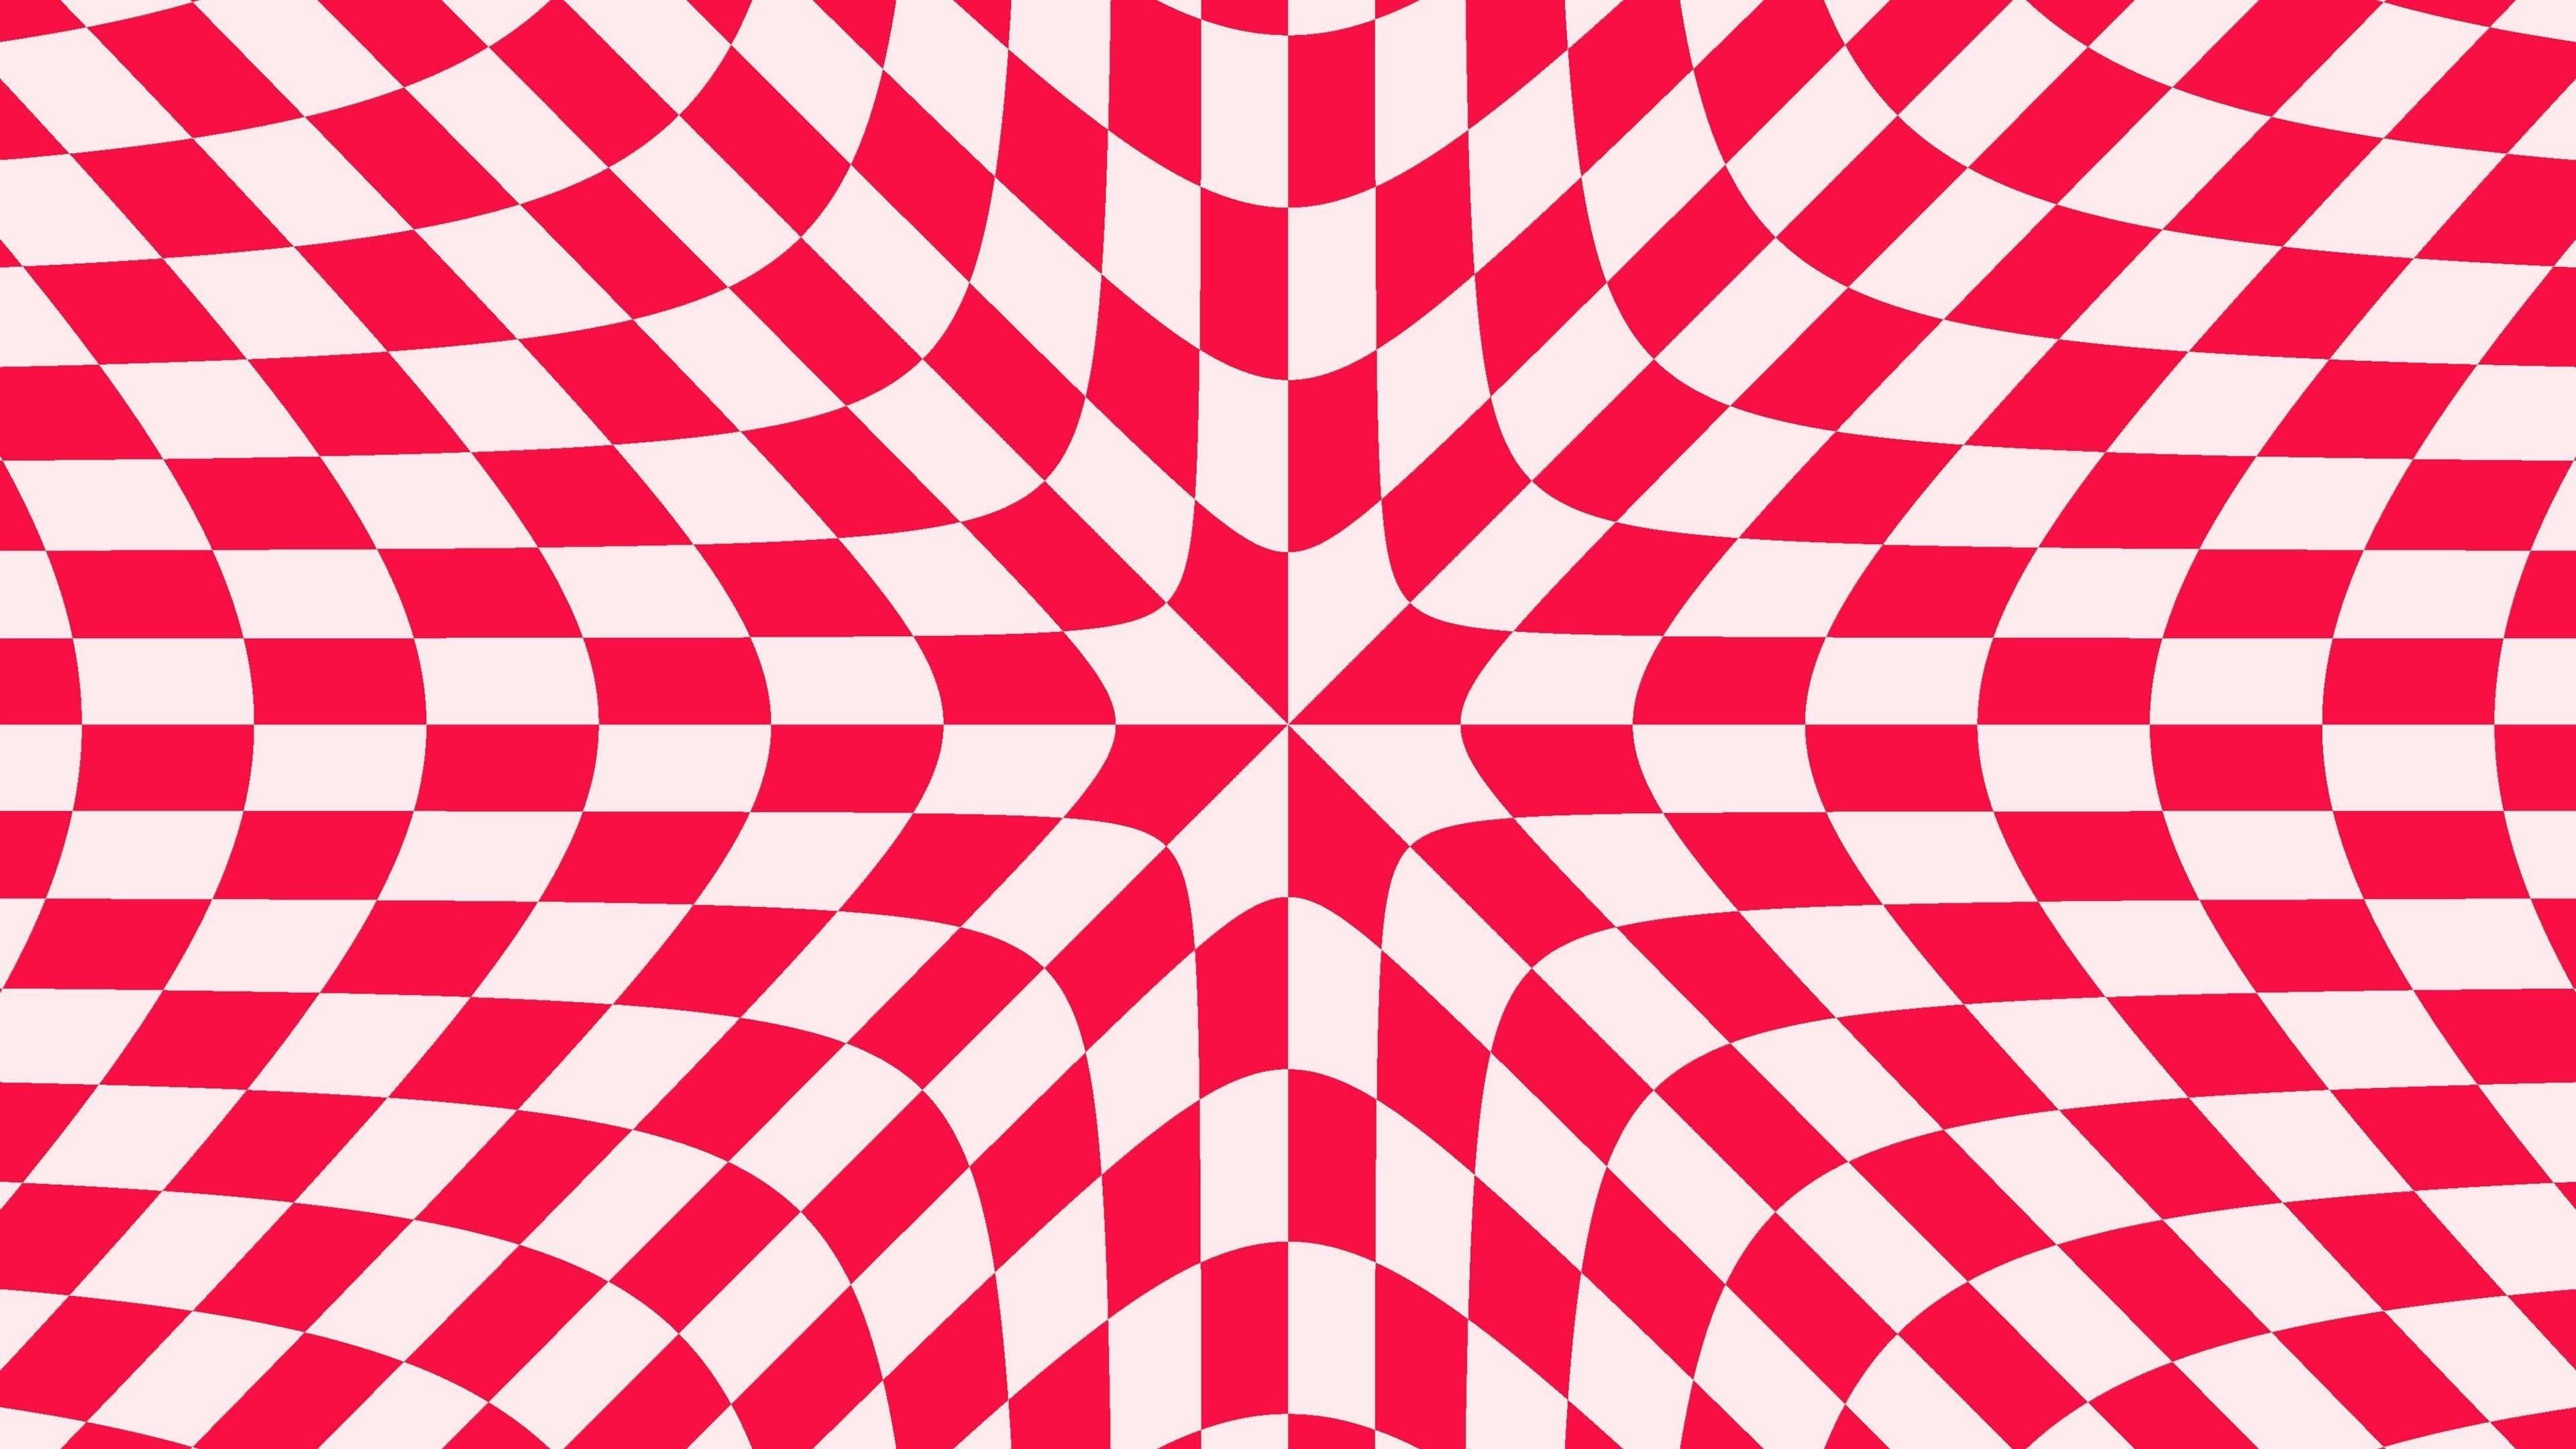 Красная иллюзия бесконечности обои скачать